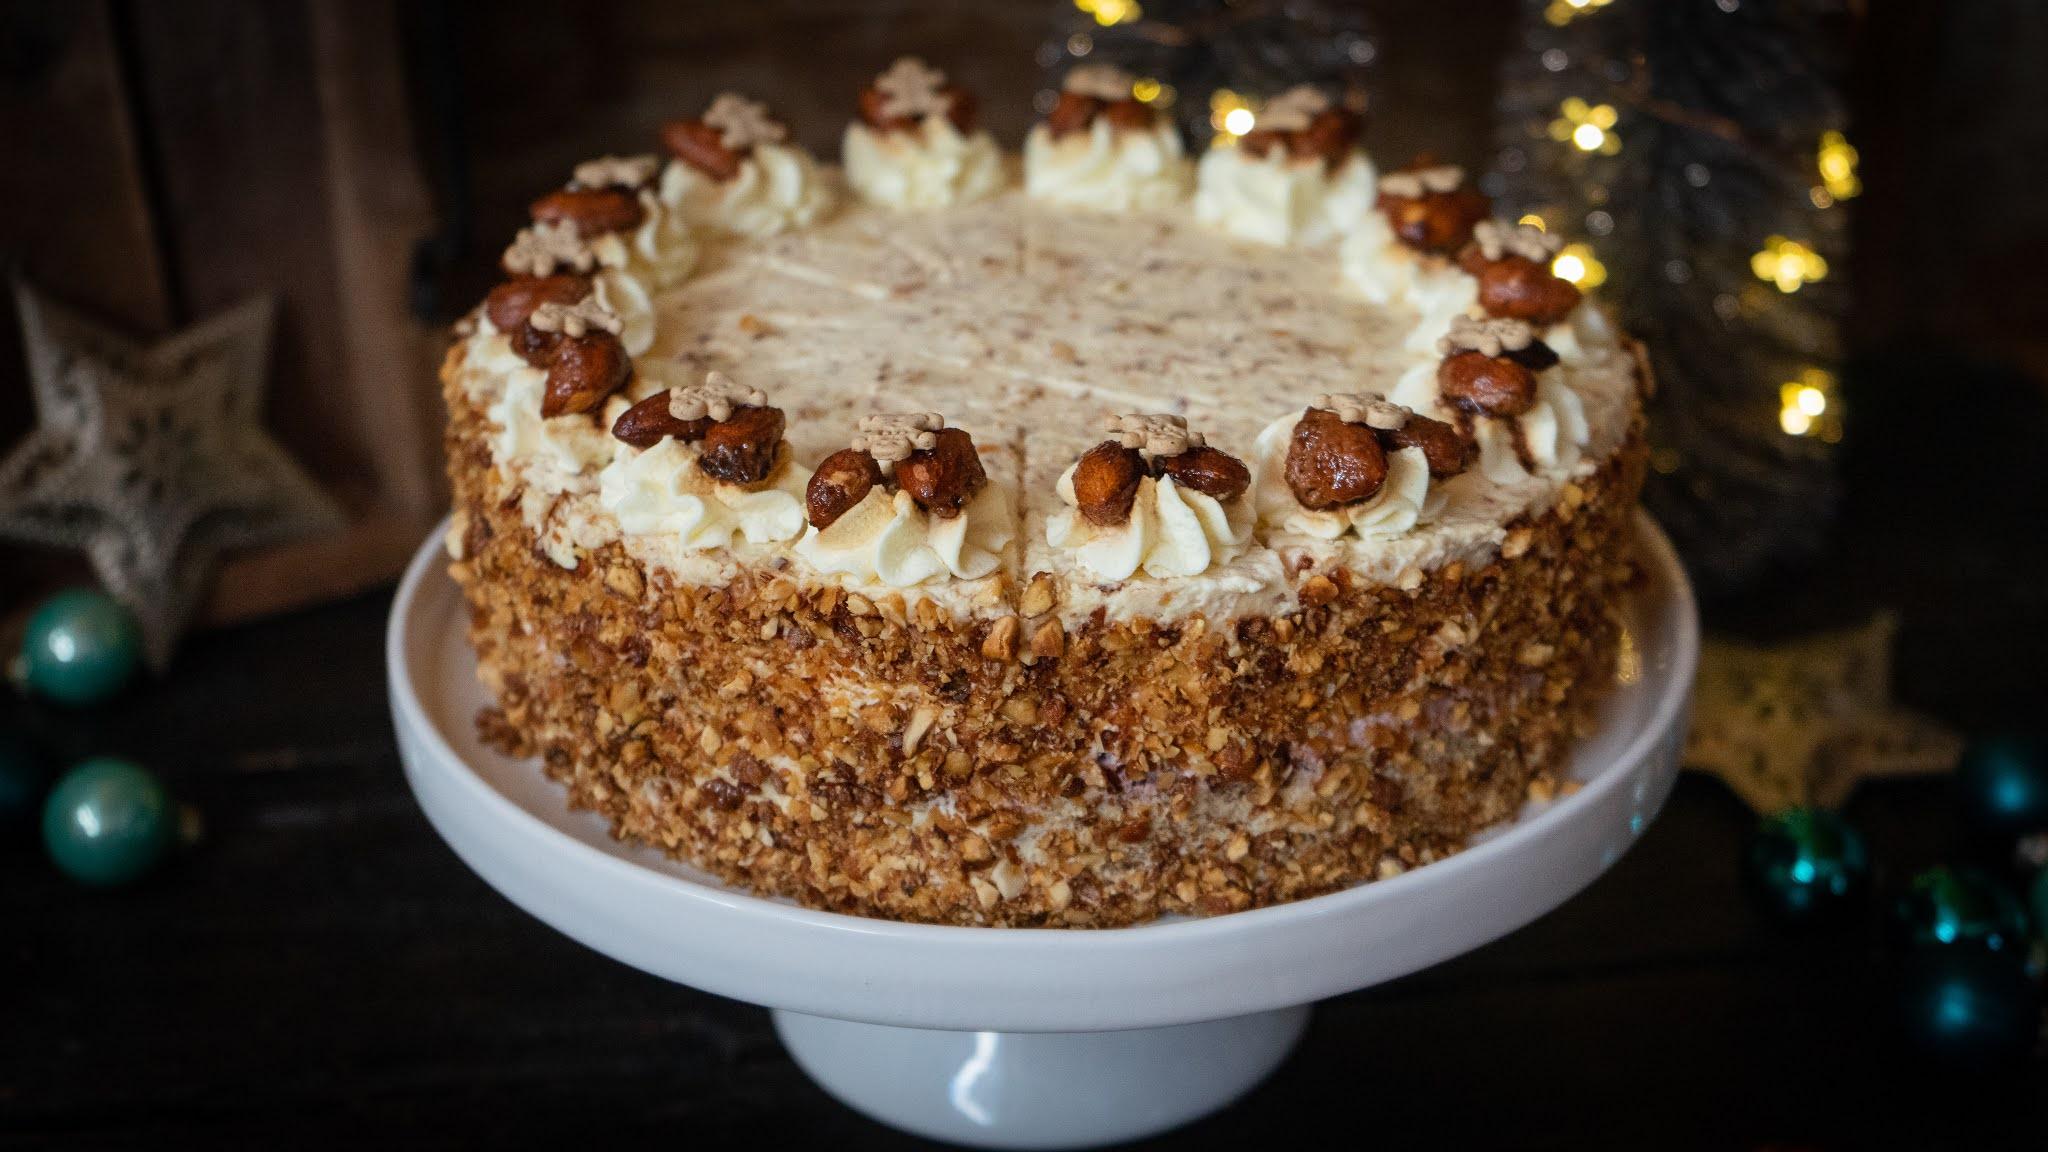 Gebrannte-Mandel-Torte - Rezept und Video von Alexandras Food Lounge | SCCC 2020: Türchen Nr. 7 | Gewinnspie